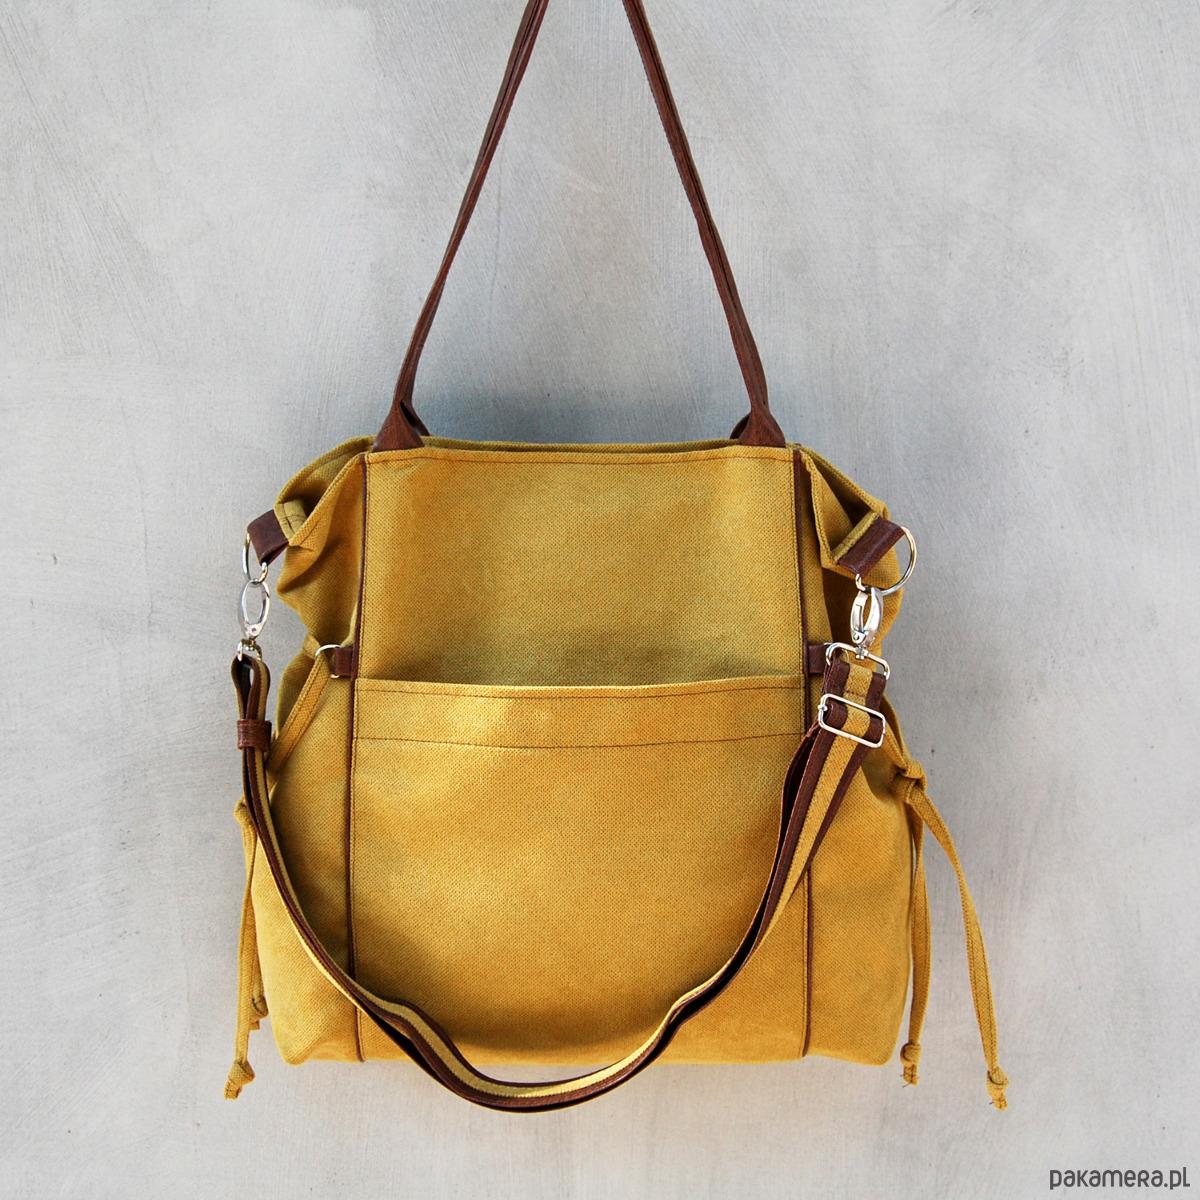 3b20b53e012f0 AMBER - duża torba - shopper - musztarda i brąz - torby na ramię - damskie  - Pakamera.pl